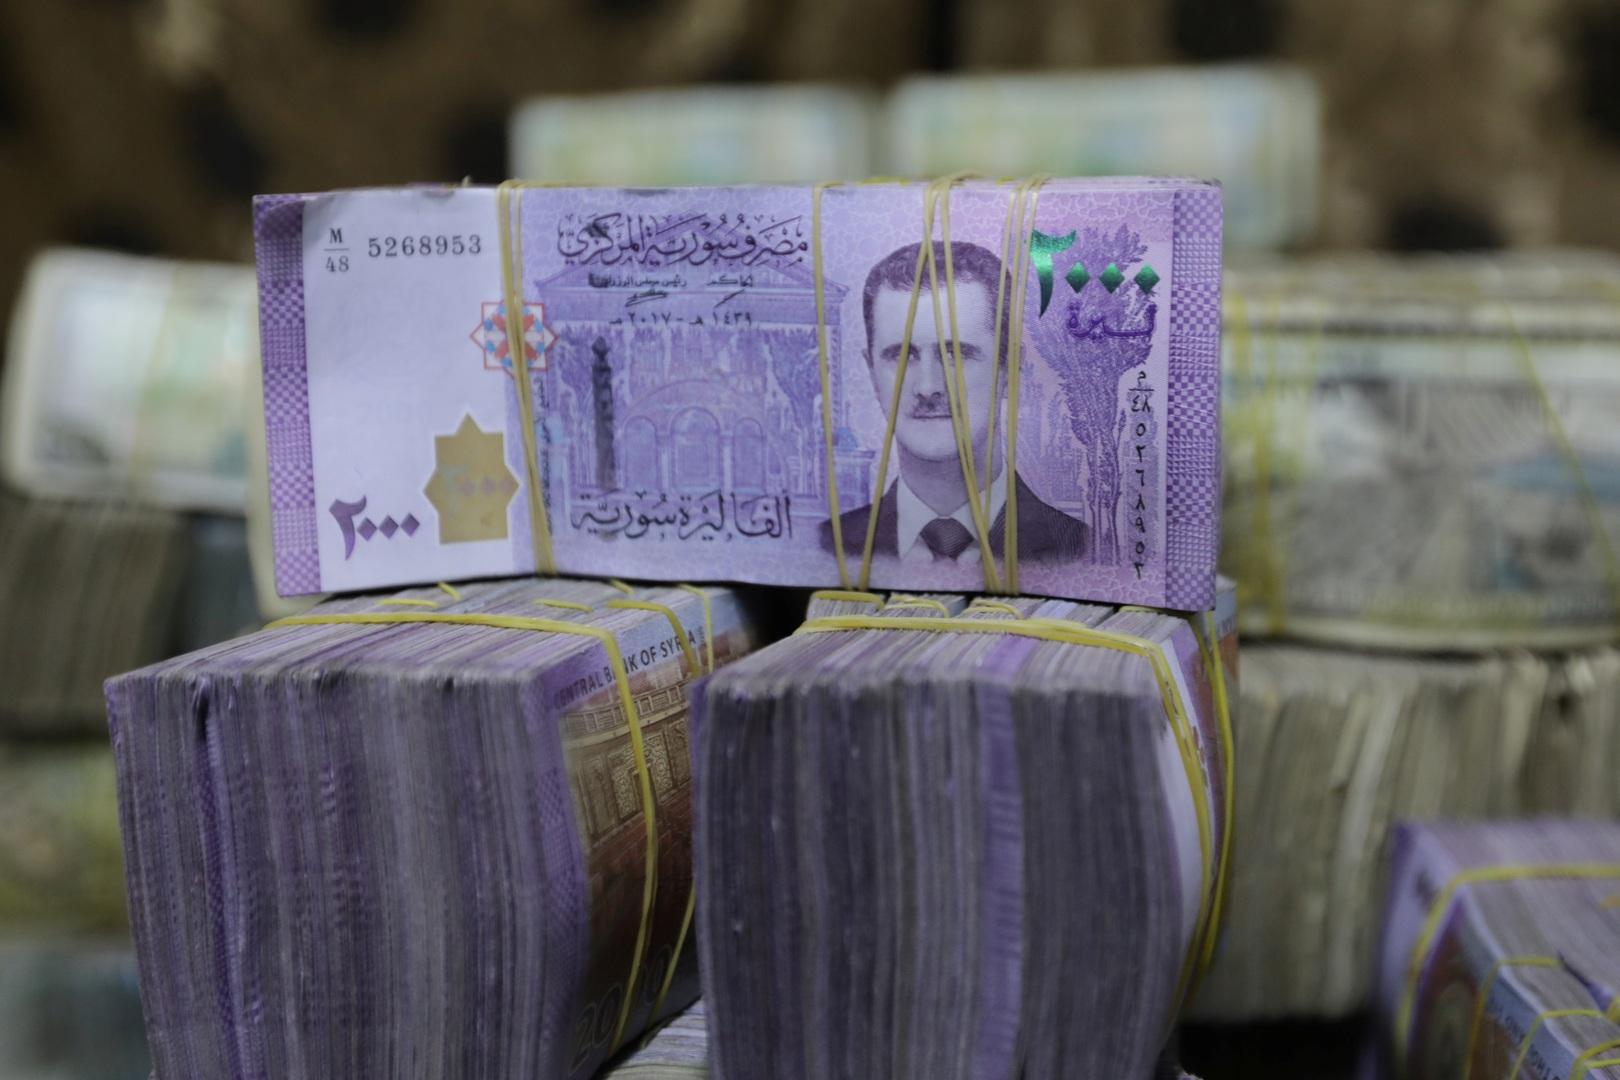 المبالغ المالية المسموح بإدخالها وإخراجها من سوريا